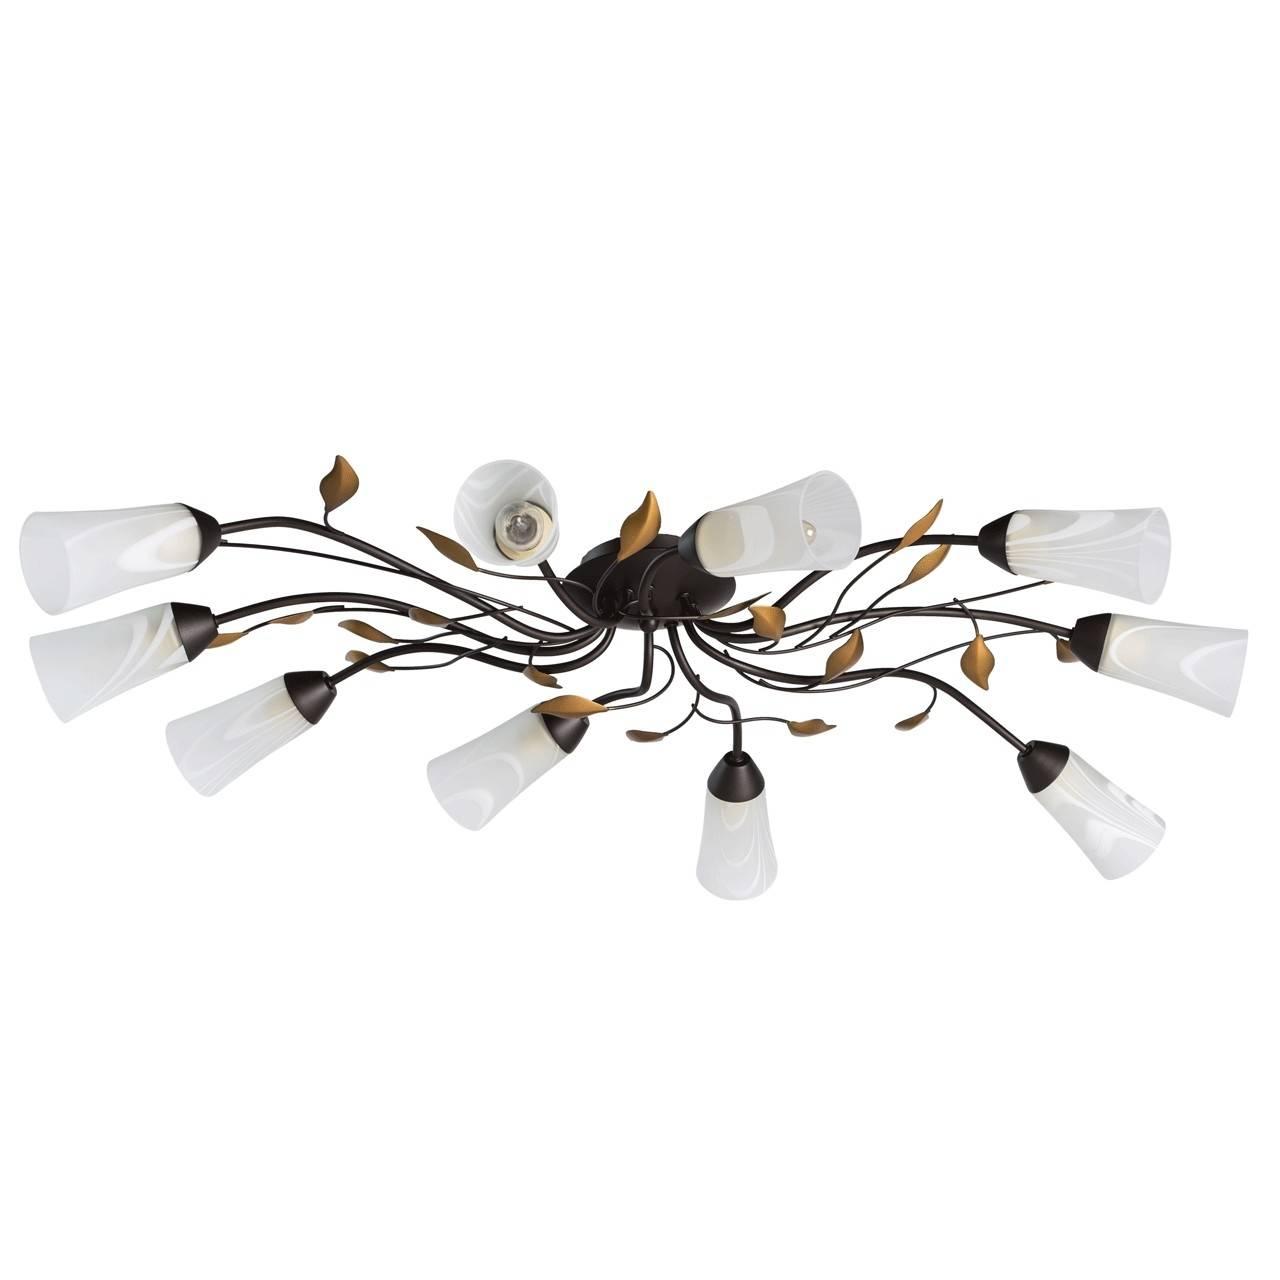 Потолочная люстра MW-Light Восторг 242015410 потолочная люстра de markt восторг 242015510